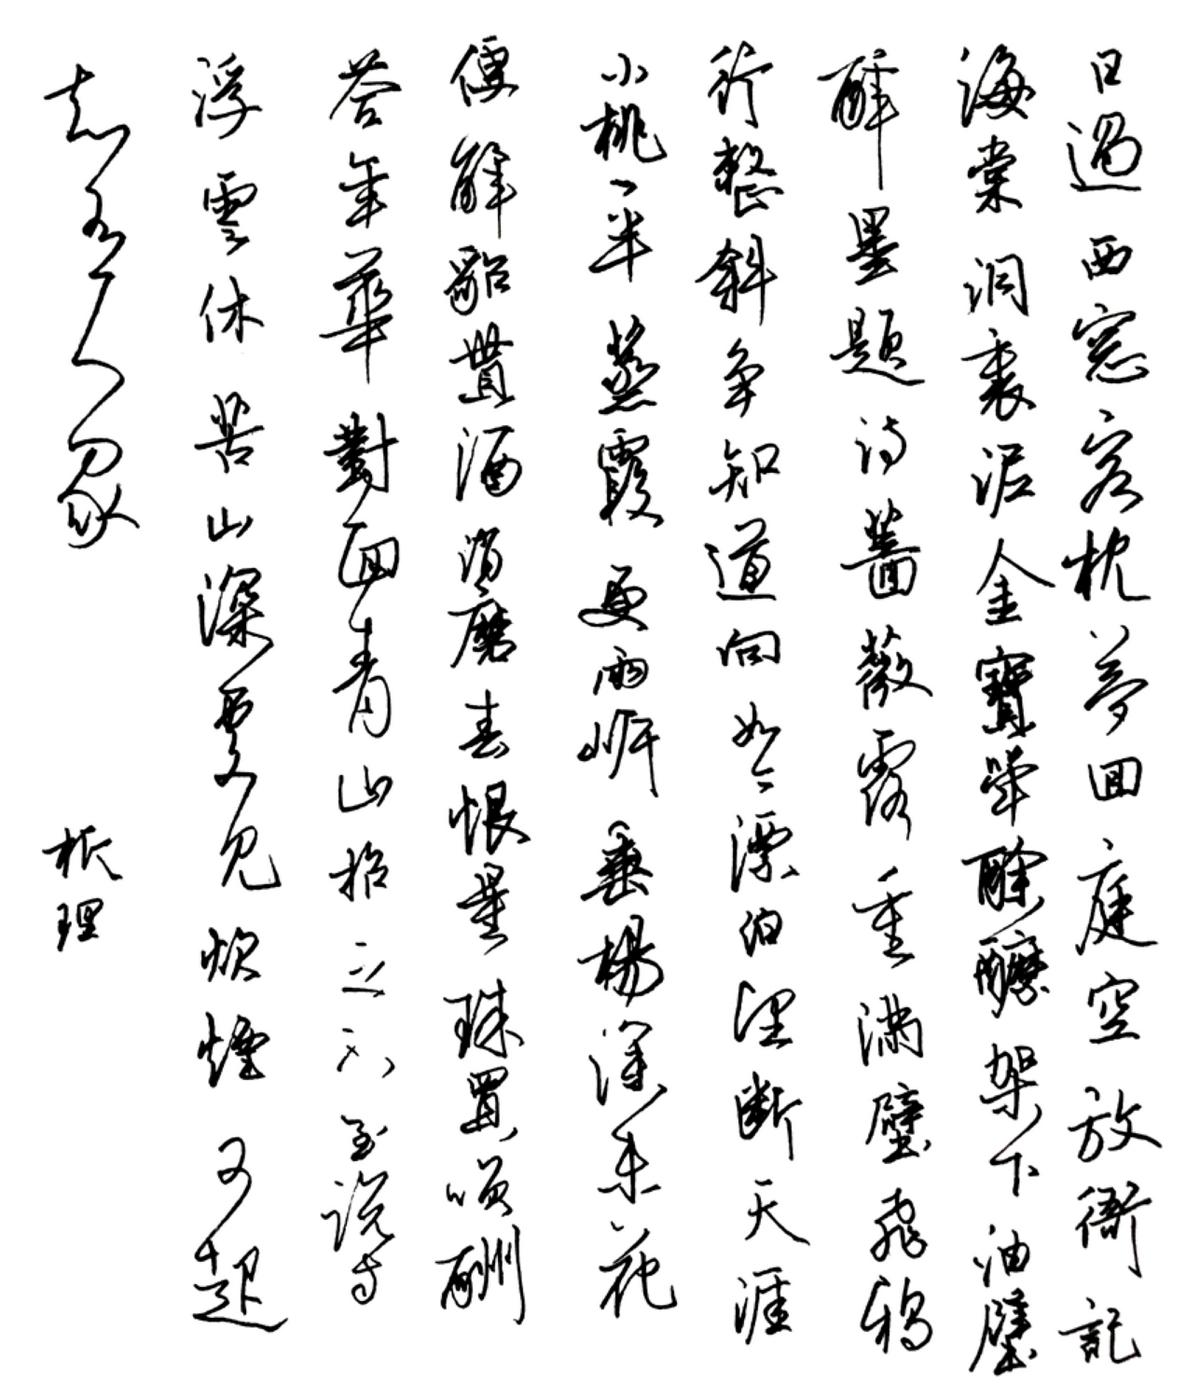 蔡师点评:黄机《沁园春》钢笔字练字打卡作业欣赏06